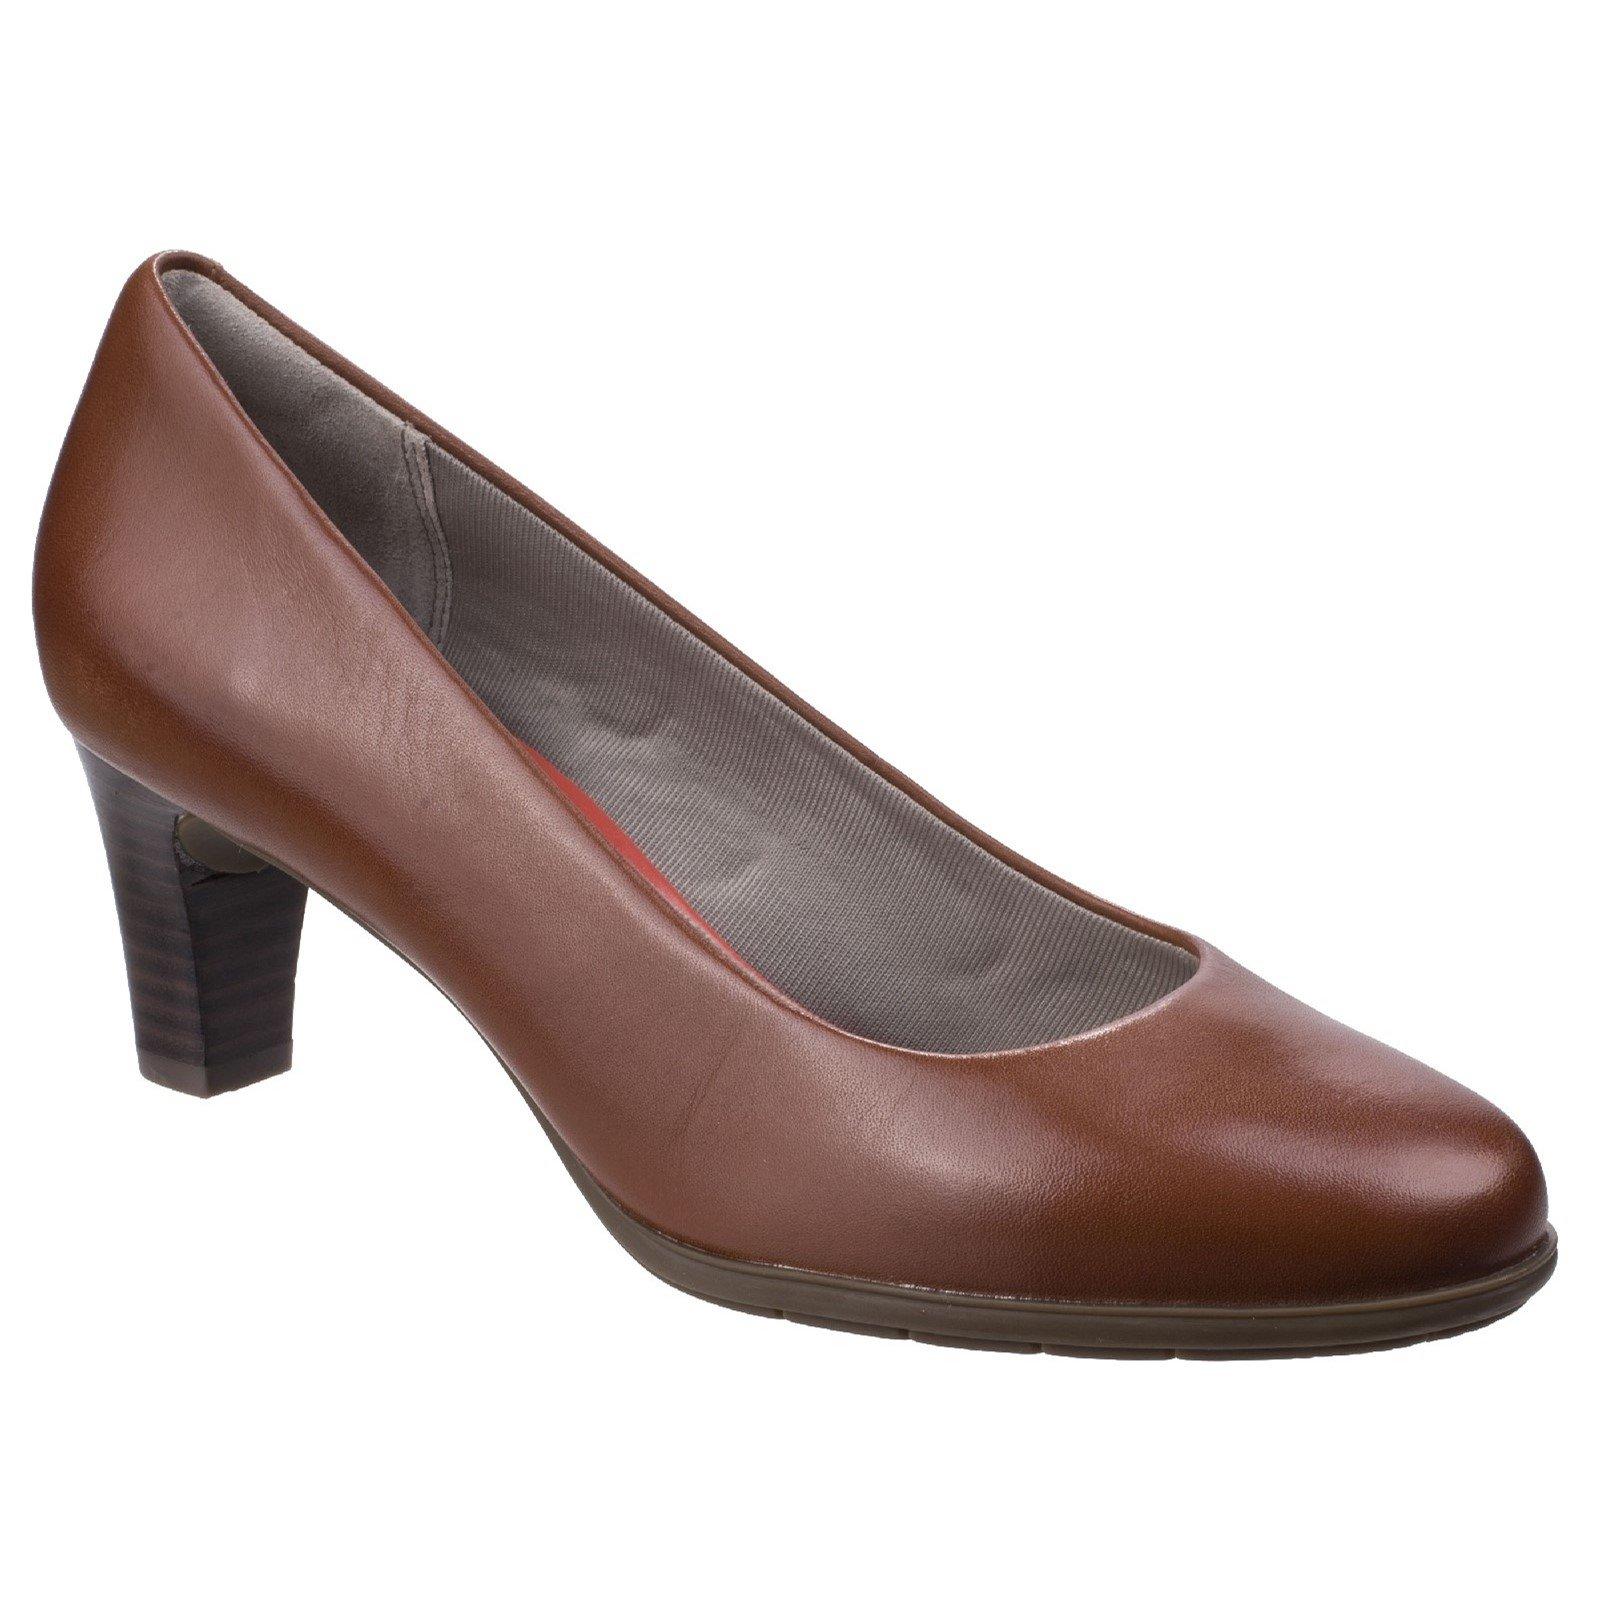 Rockport Women's Melora Plain Pump Shoe Various Colours 26349 - Alpaca 7